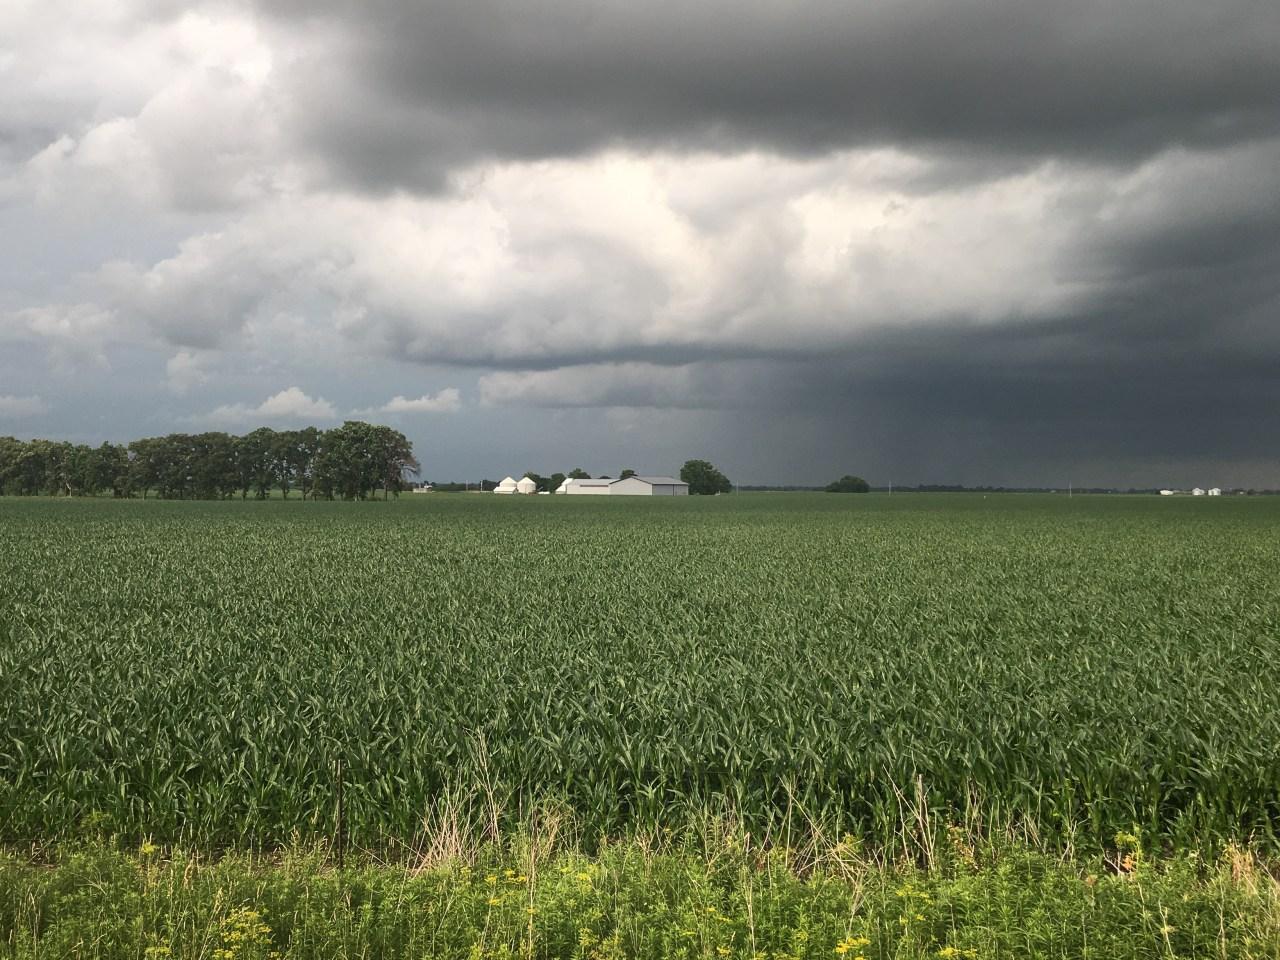 Stormy skies near the Iowa, Illinois border